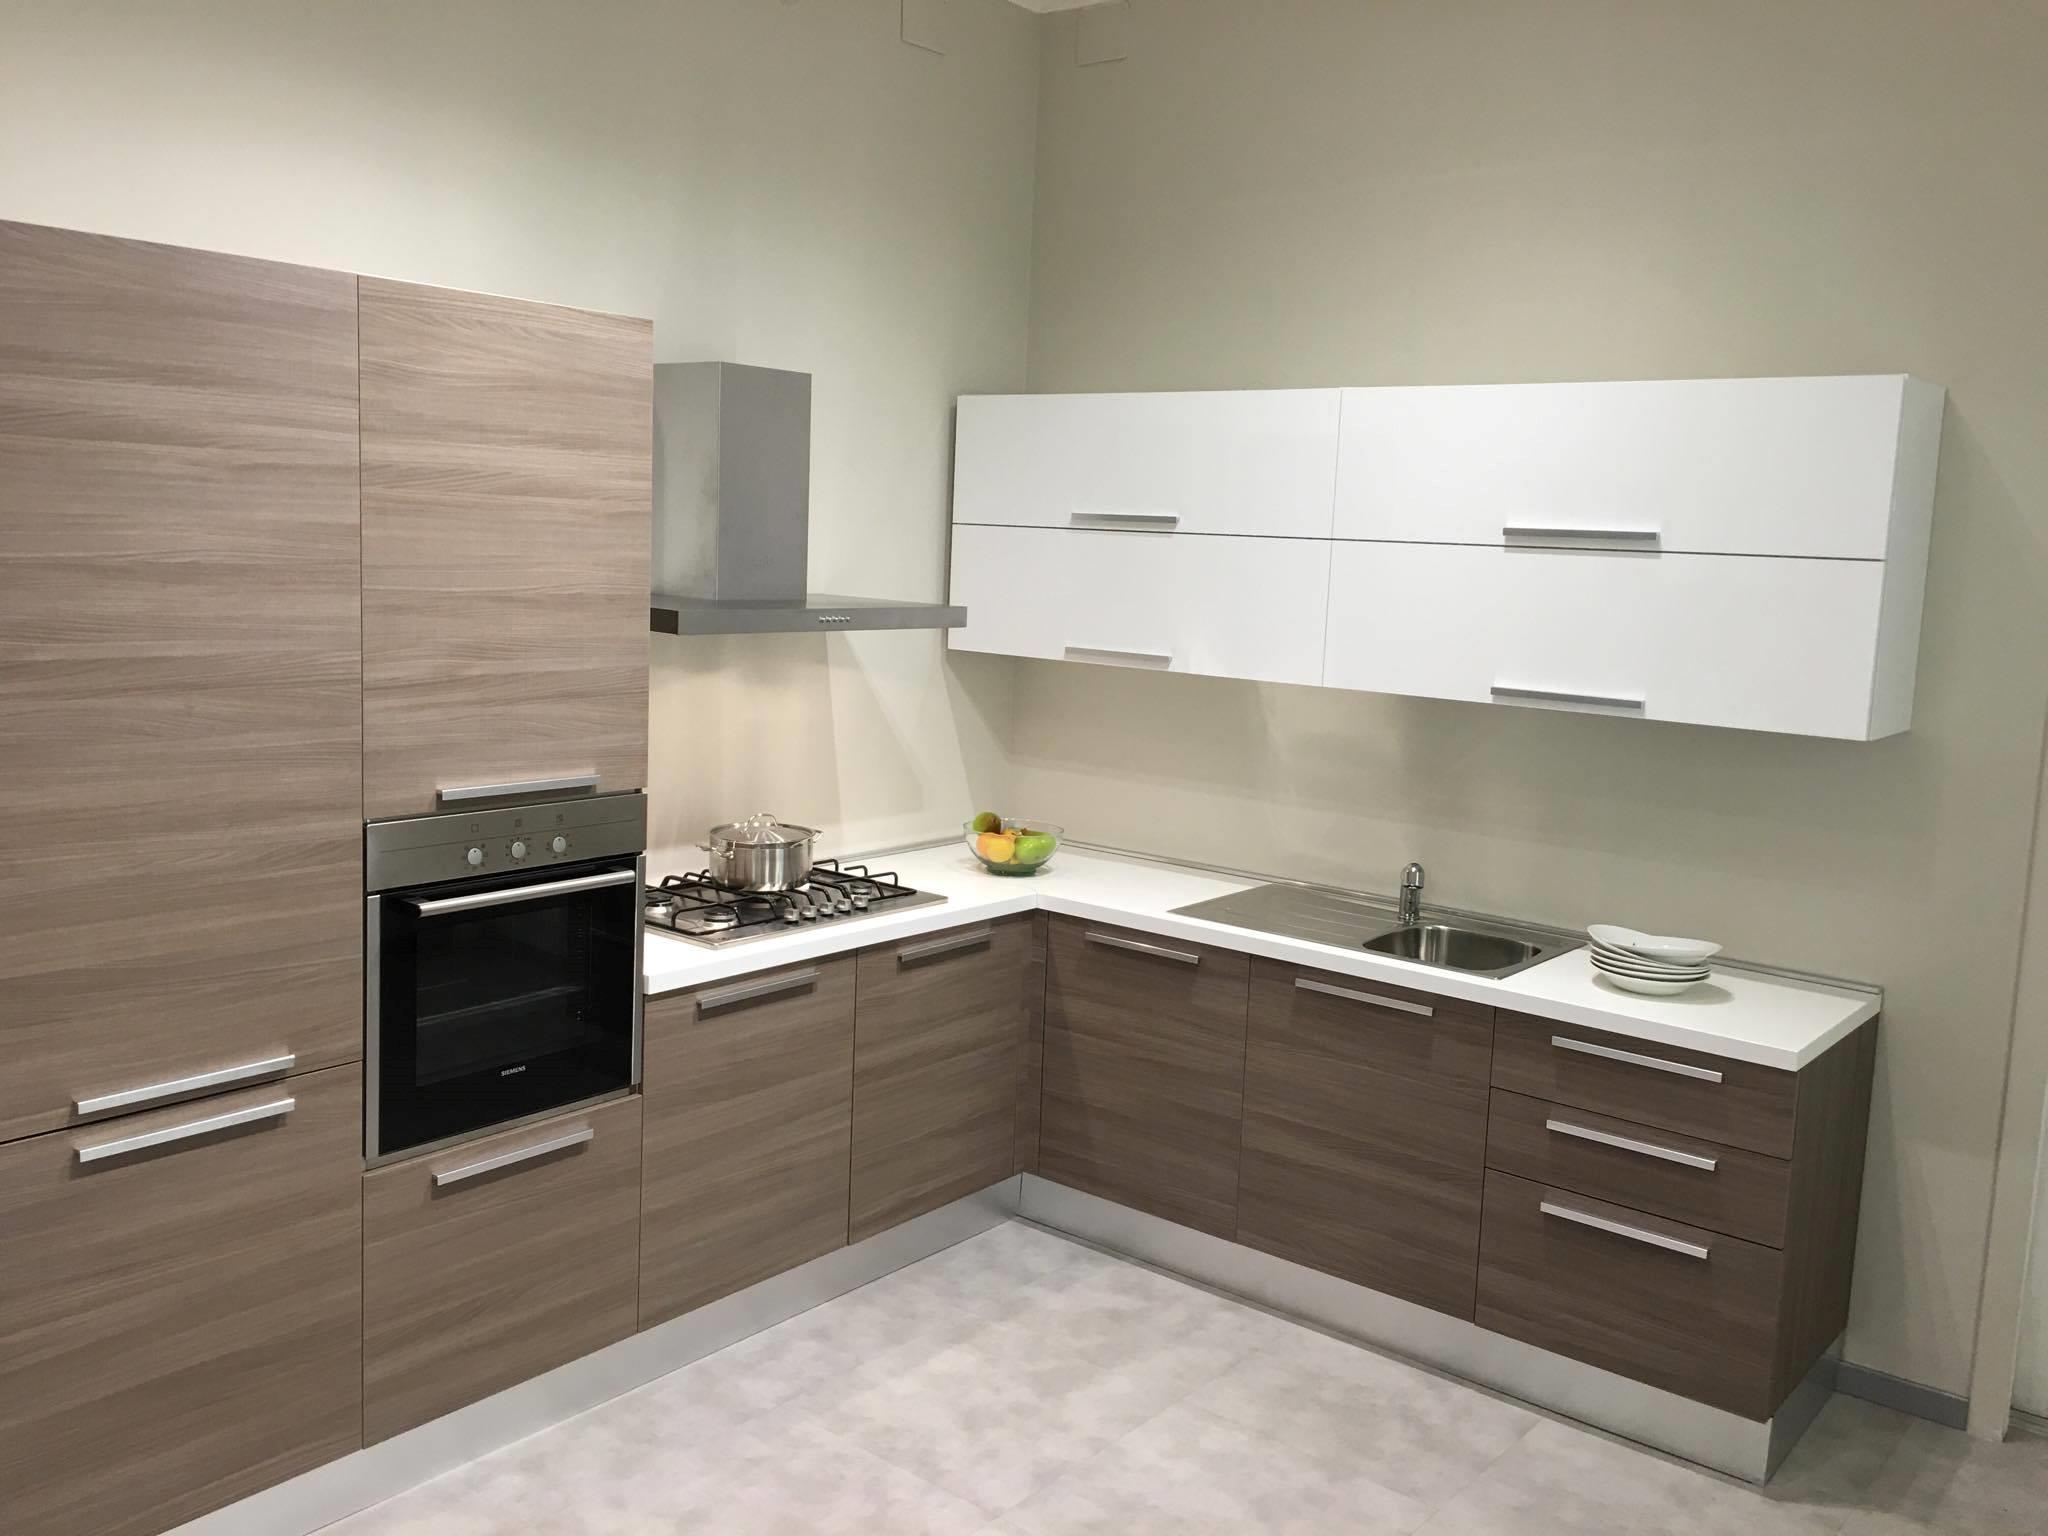 Cucina Aran modello Mirabilia scontato del -50 % - Cucine a prezzi ...